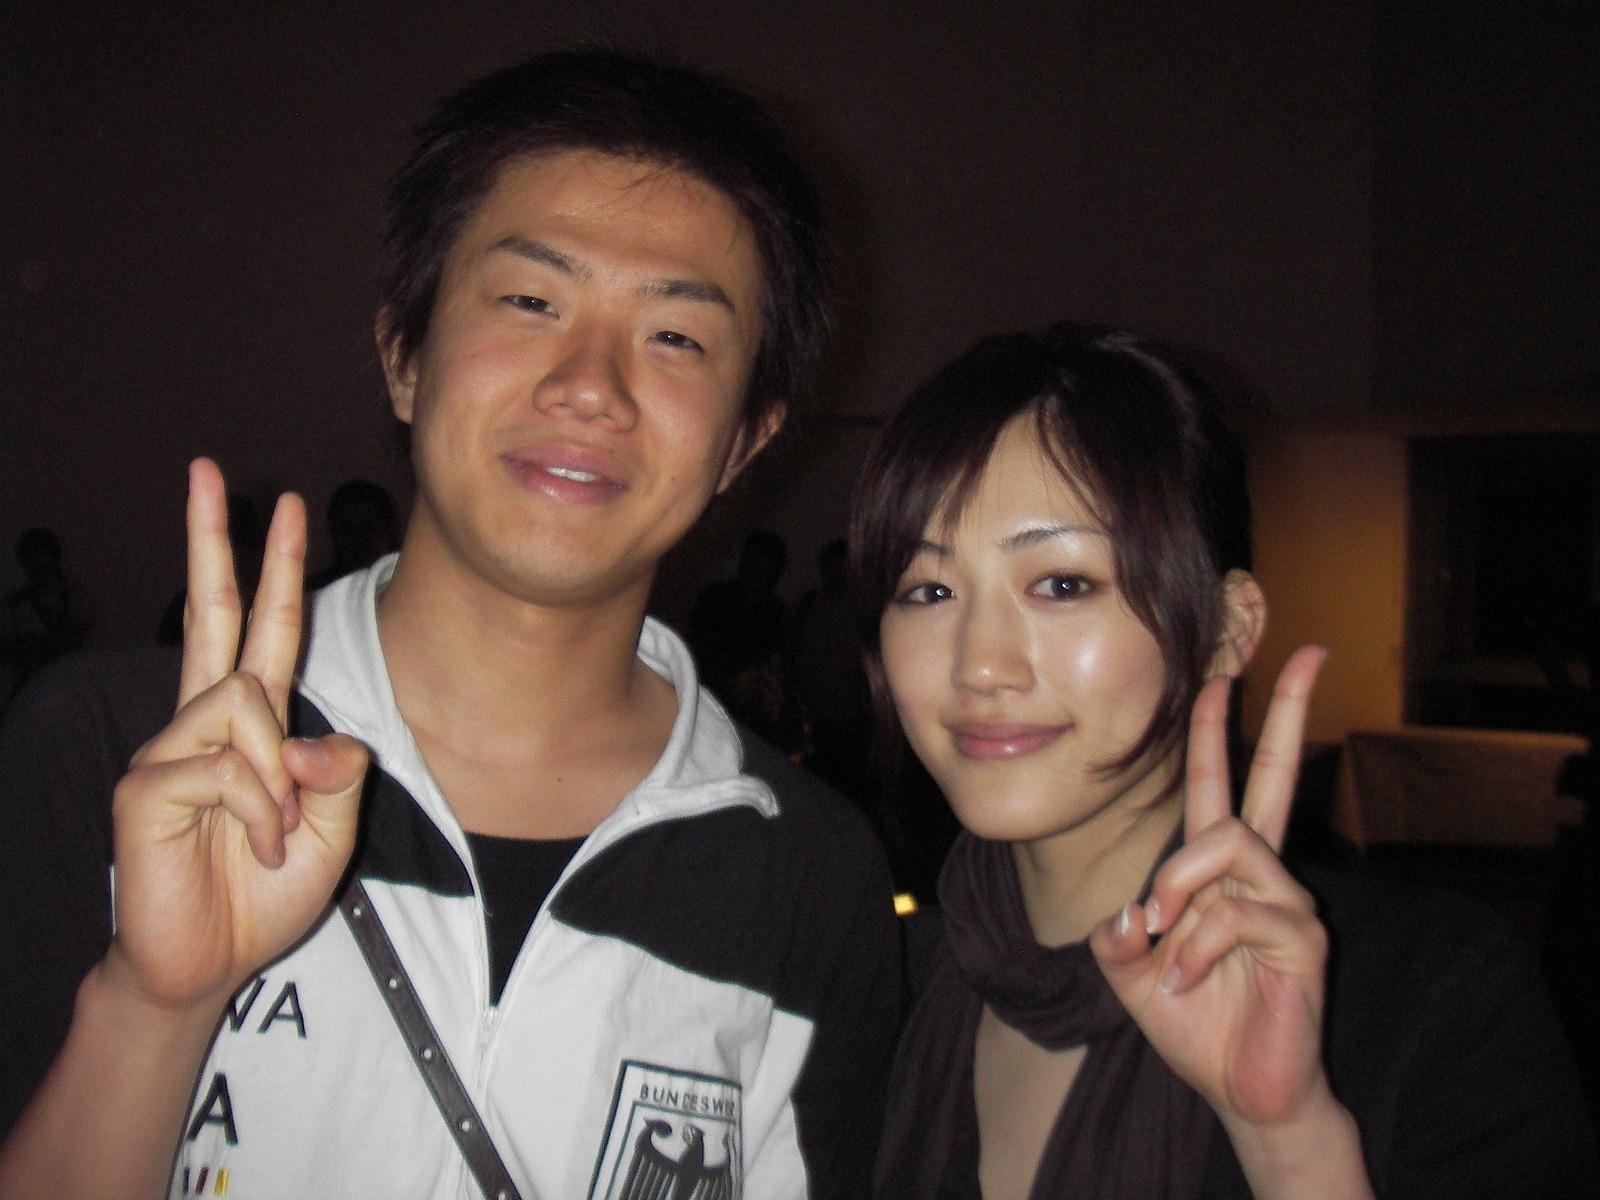 WINNY 人妻流出画像 EXERA 佐野泰臣 金八先生で有名な芸能人のパソコンがウィルスに感染し、P2Pでファイル流出